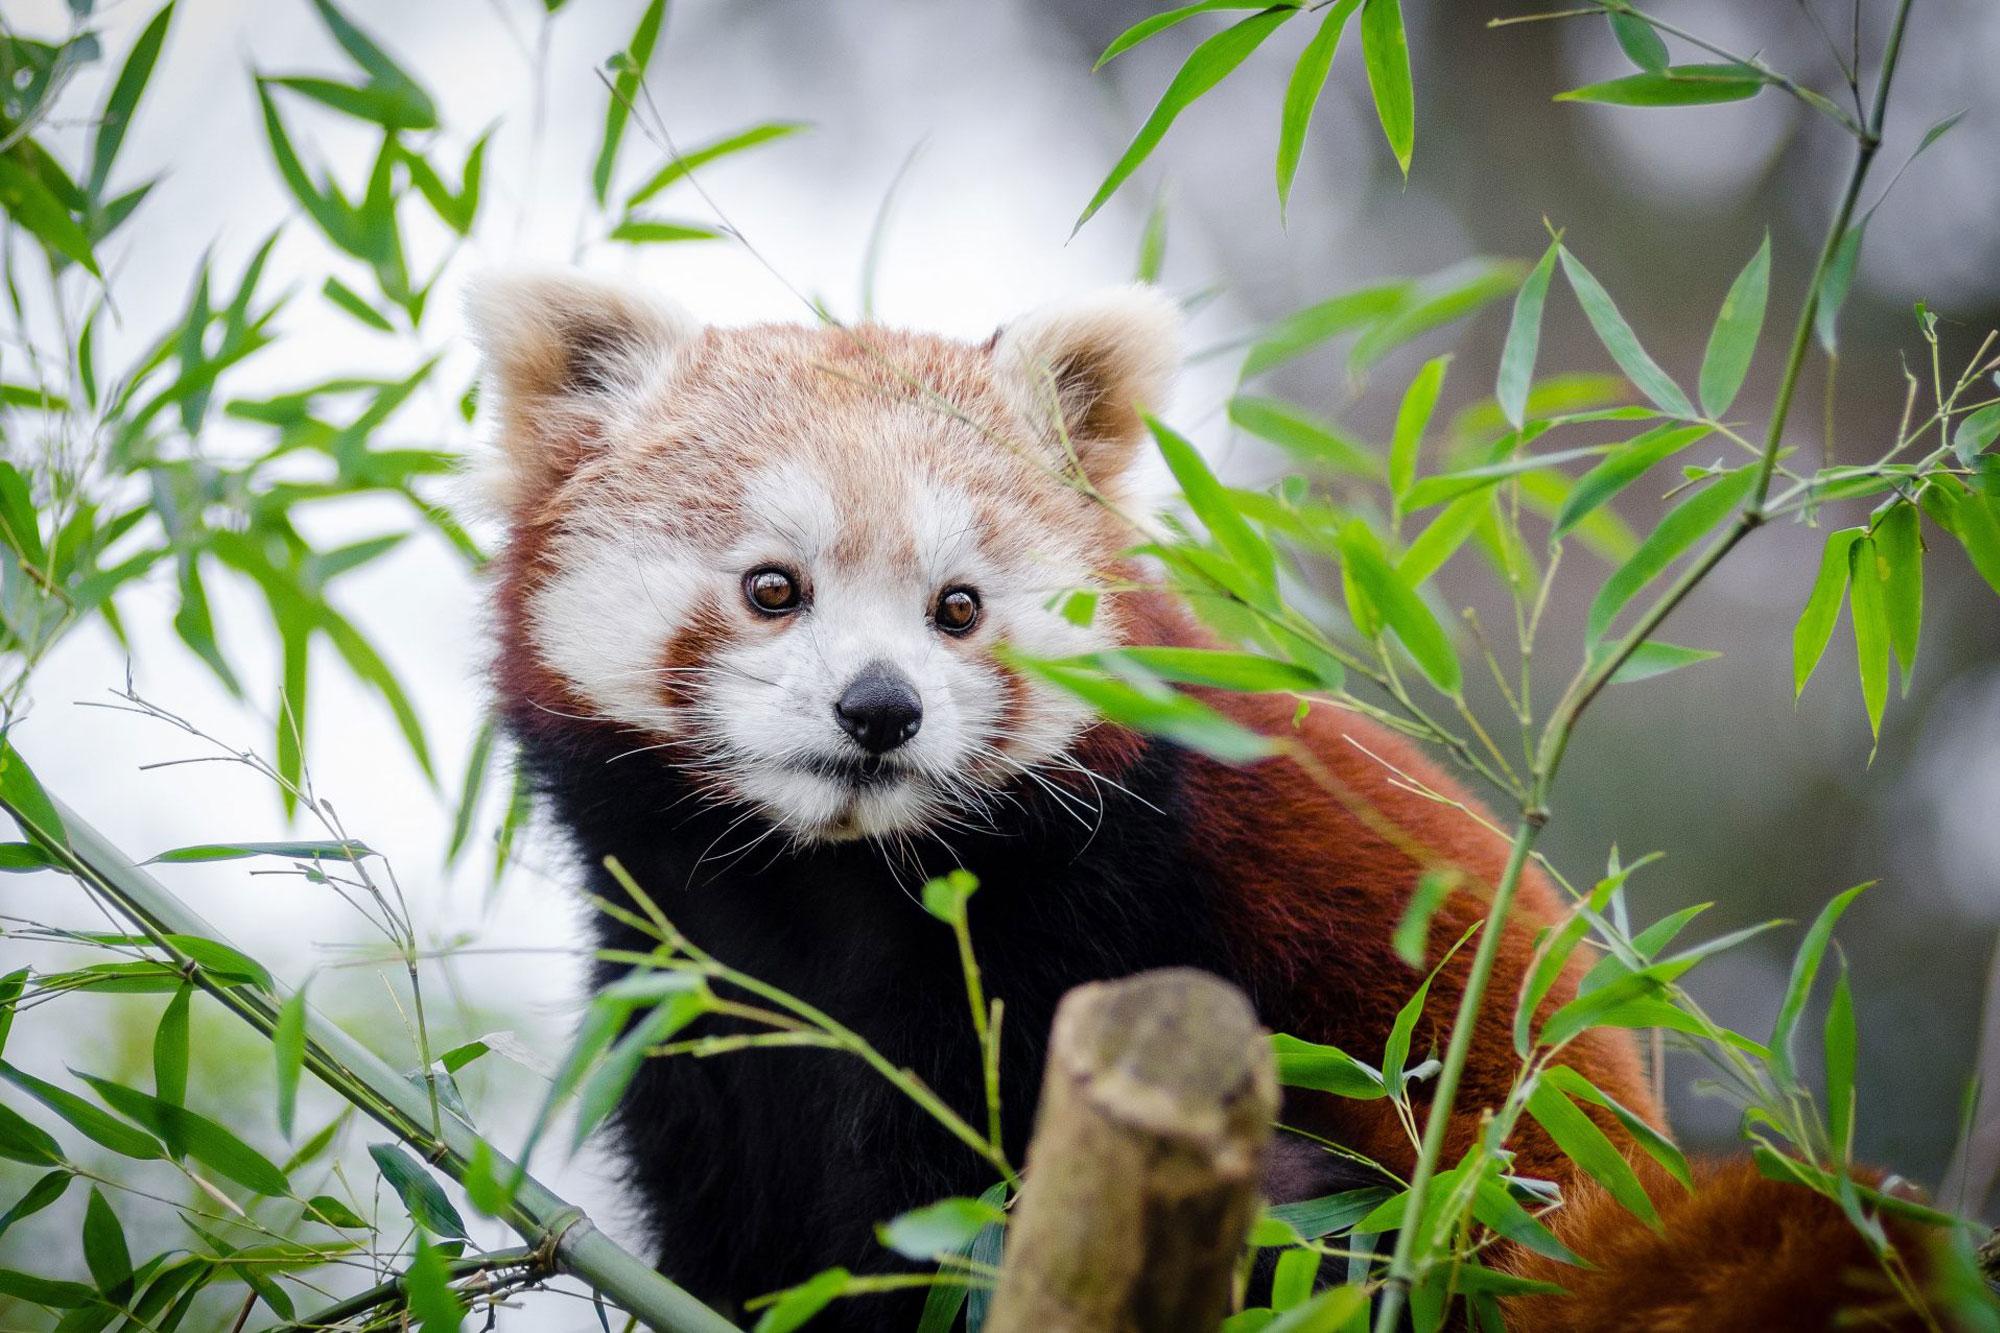 Himalayan red panda in the wild